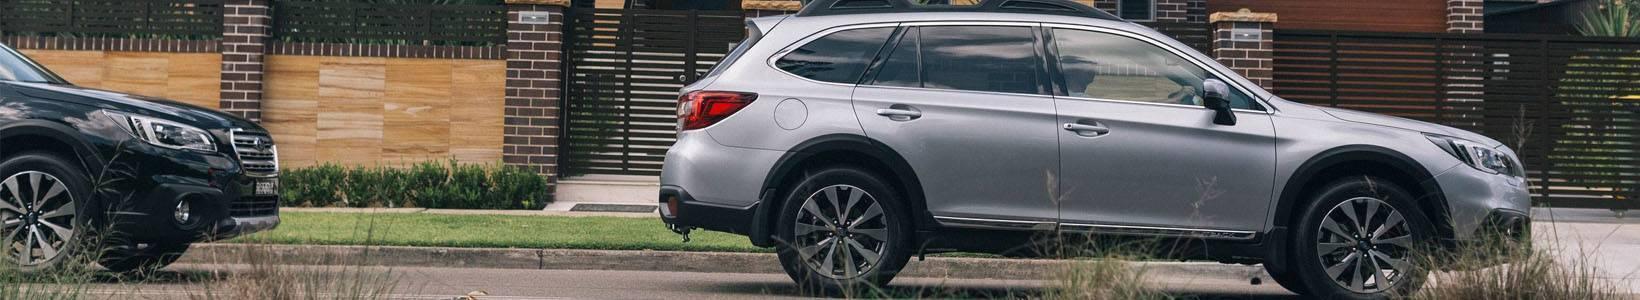 Subaru Contact Us Banner